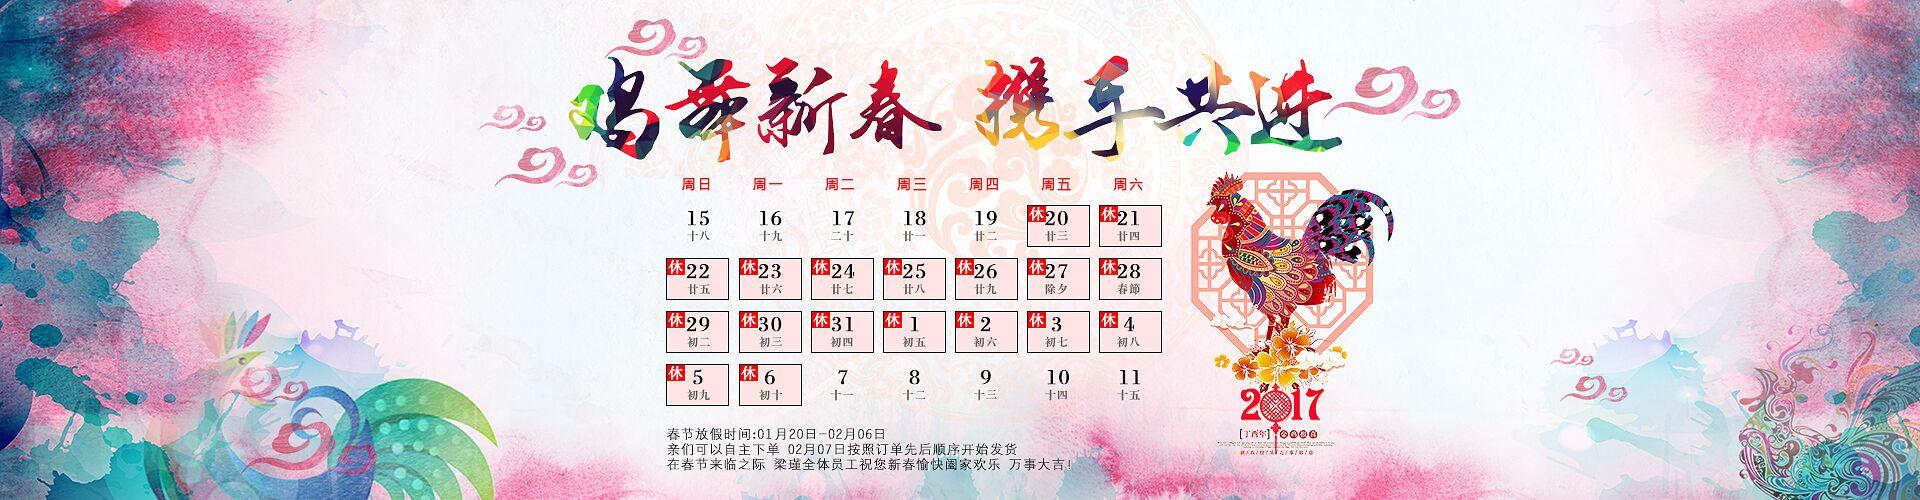 > 2017春节放假通知